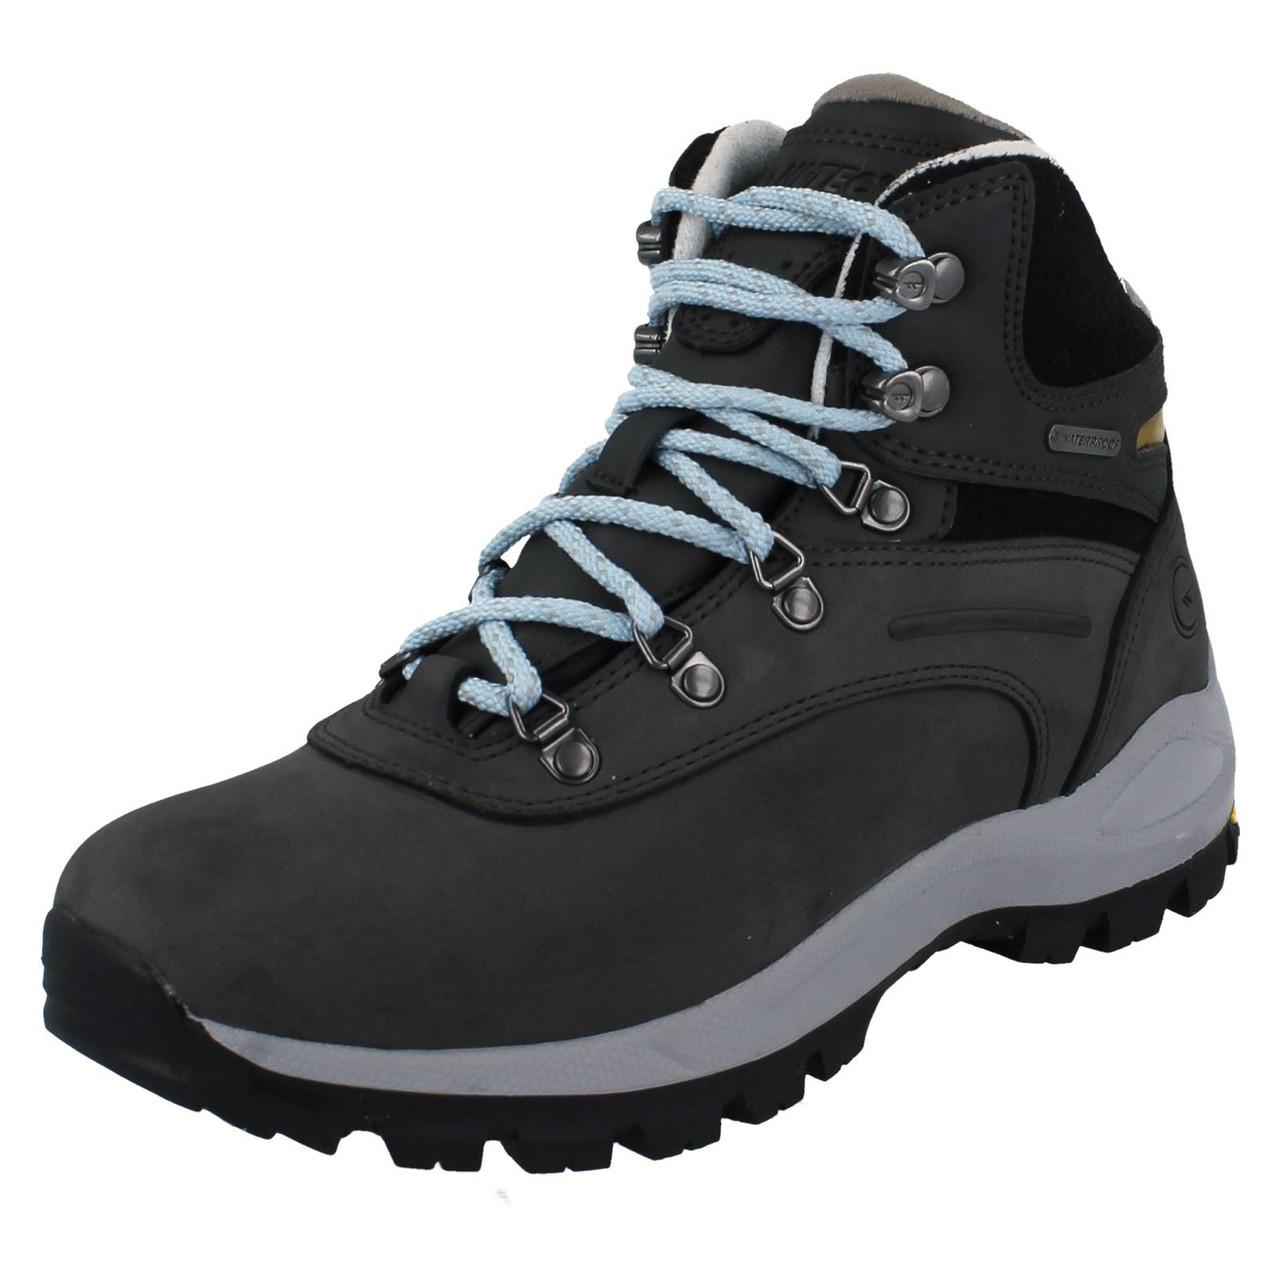 Ladies Hi-Tec Waterproof Walking Boots